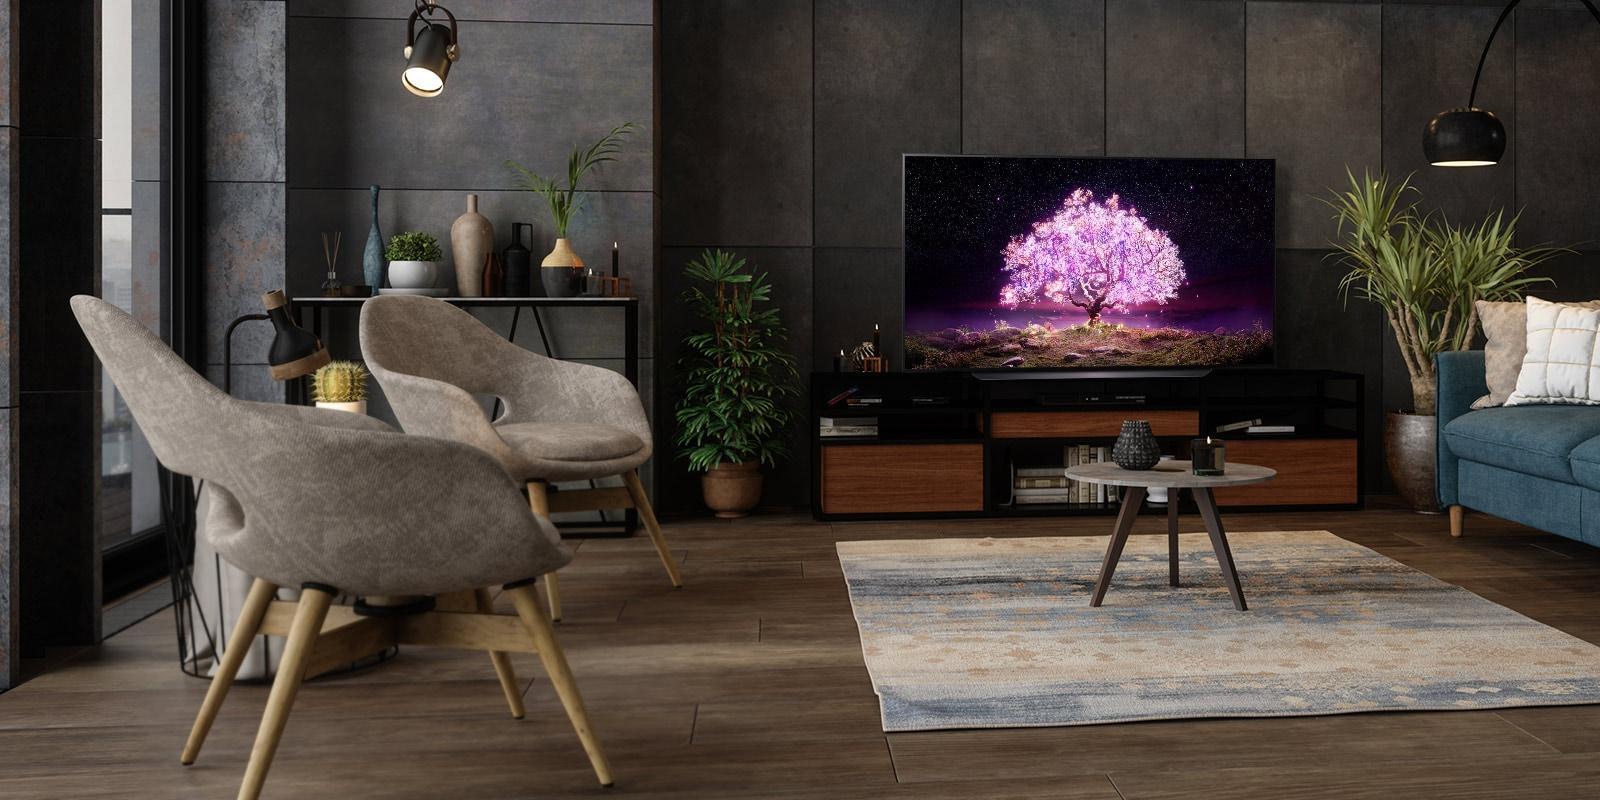 Televizija v modro opremljeni dnevni sobi prikazuje modrikasto rastlino